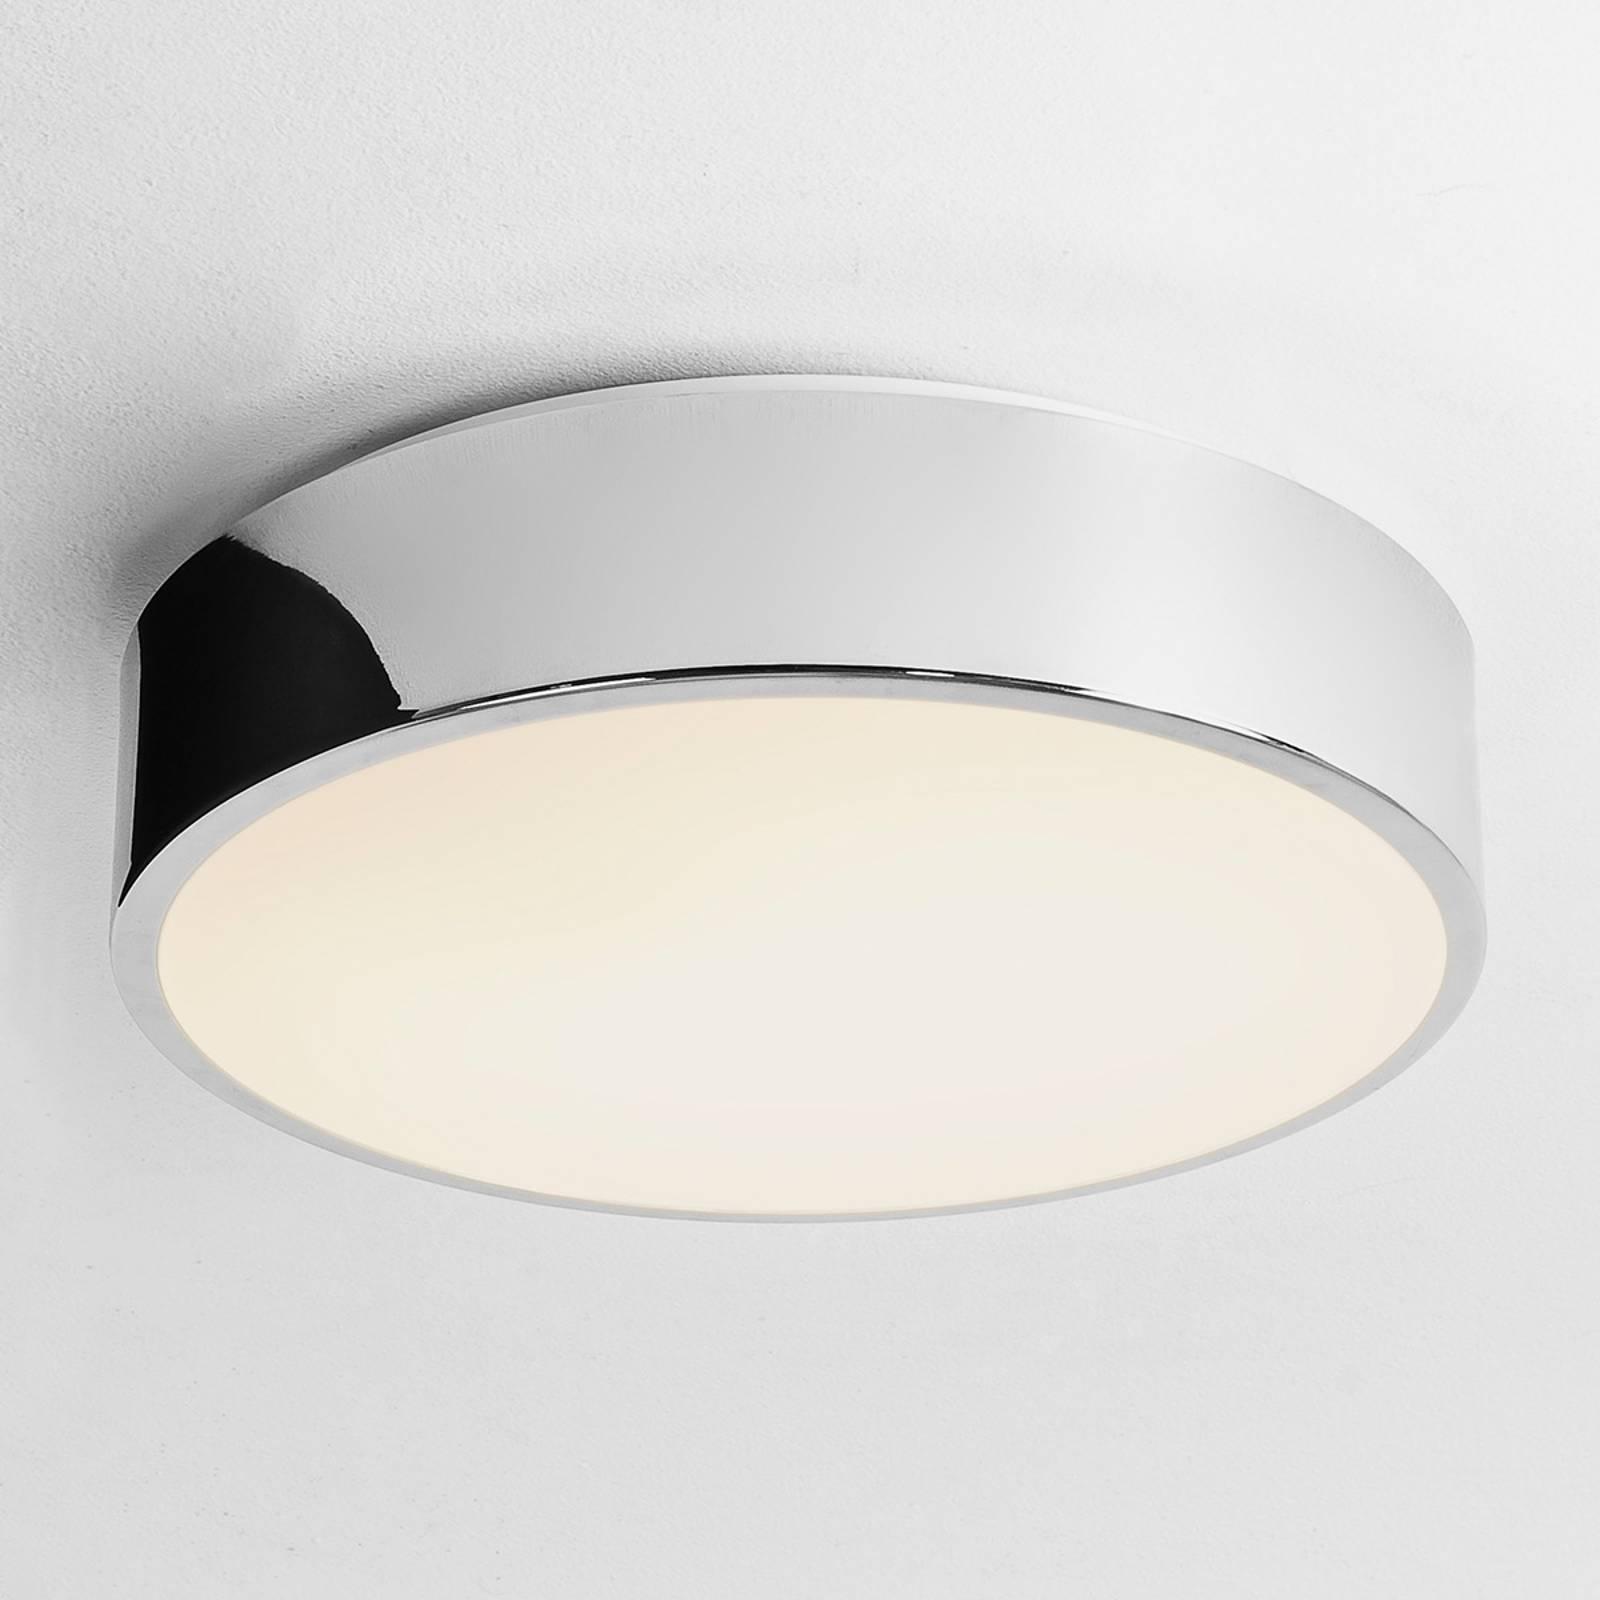 Astro Mallon -LED-kattovalaisin Ø 33 cm, kromi